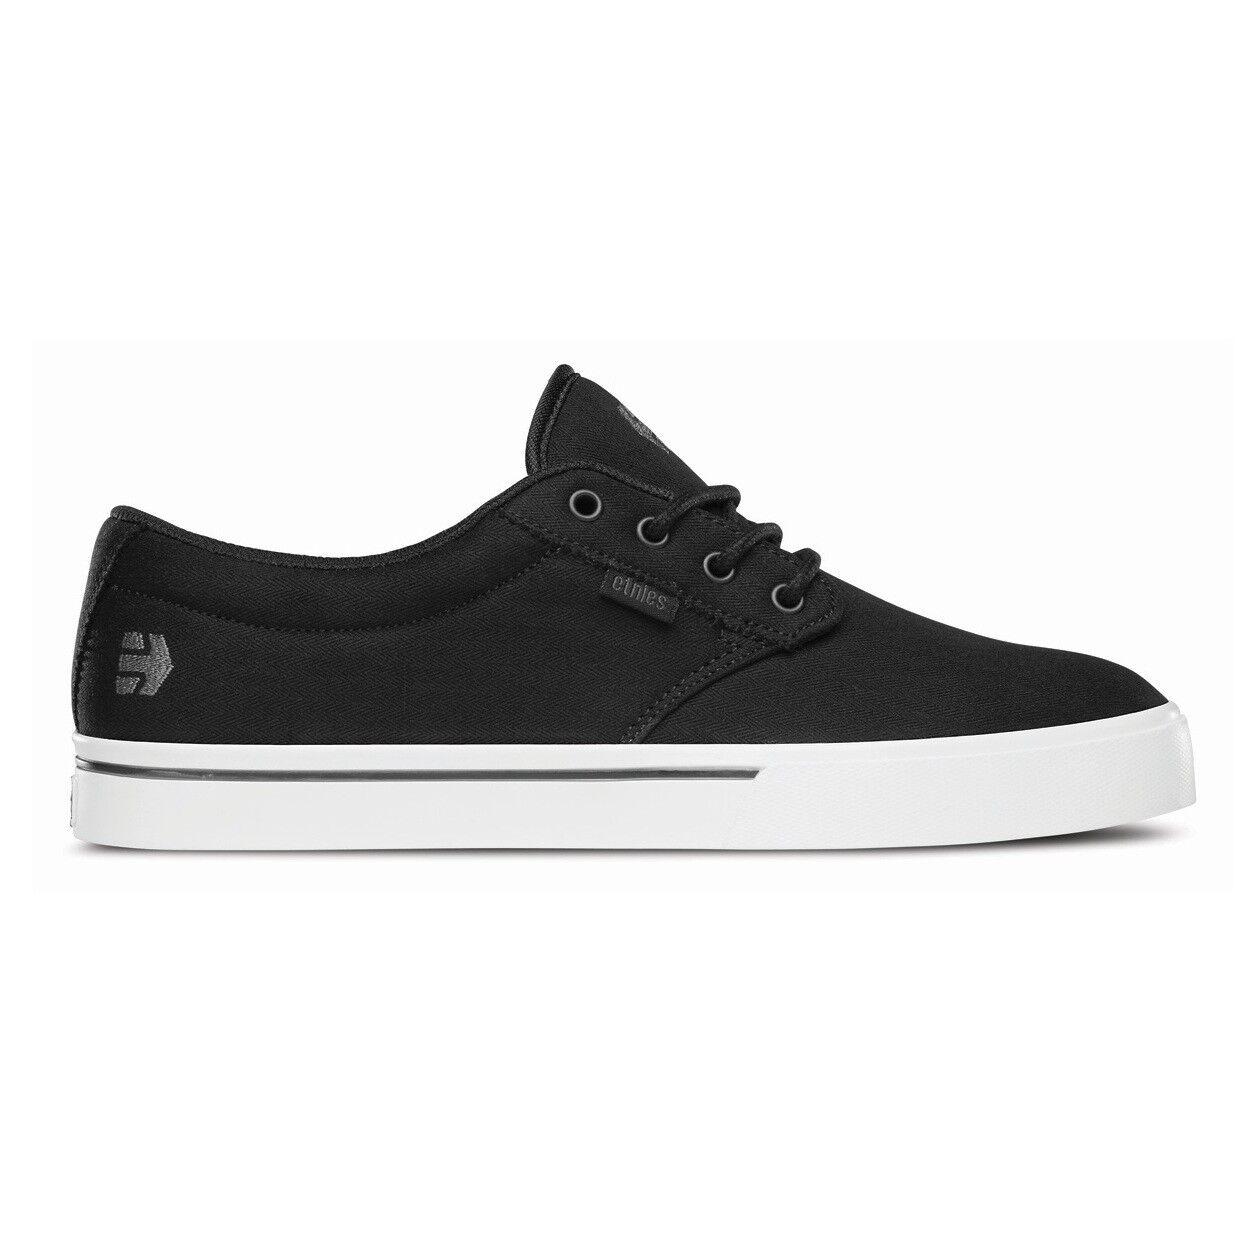 ETNIES Jameson 2 ECO Männer Schuhe schwarz Weiß Weiß Weiß gum 4101000323-979 c802f7